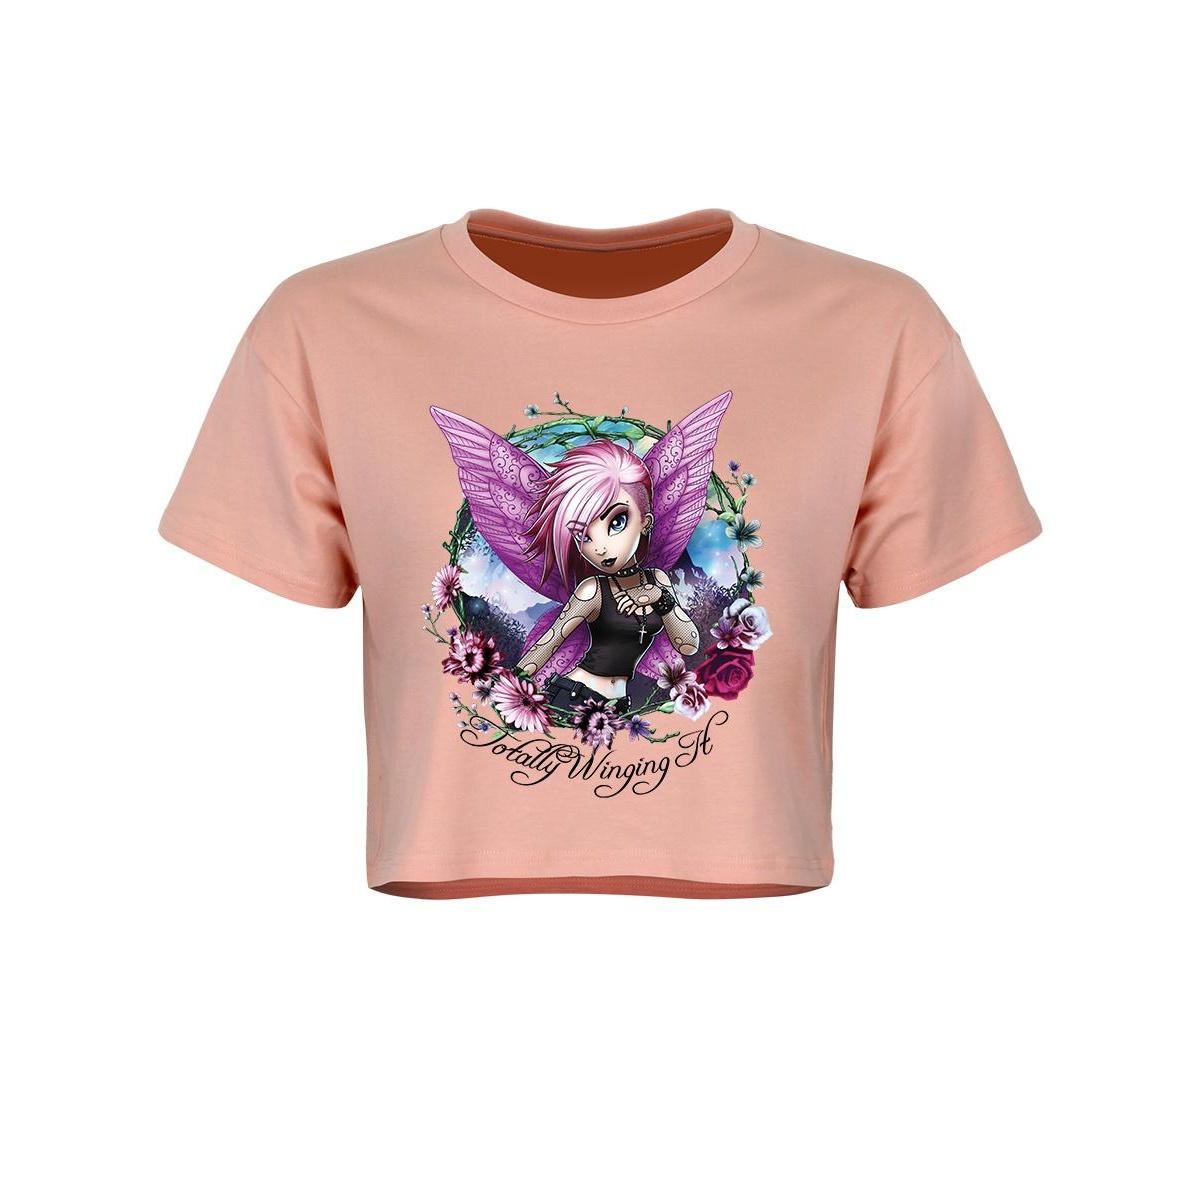 Hexxie Womens/Ladies Totally Winging It Violet Crop Top (XL) (Pink)